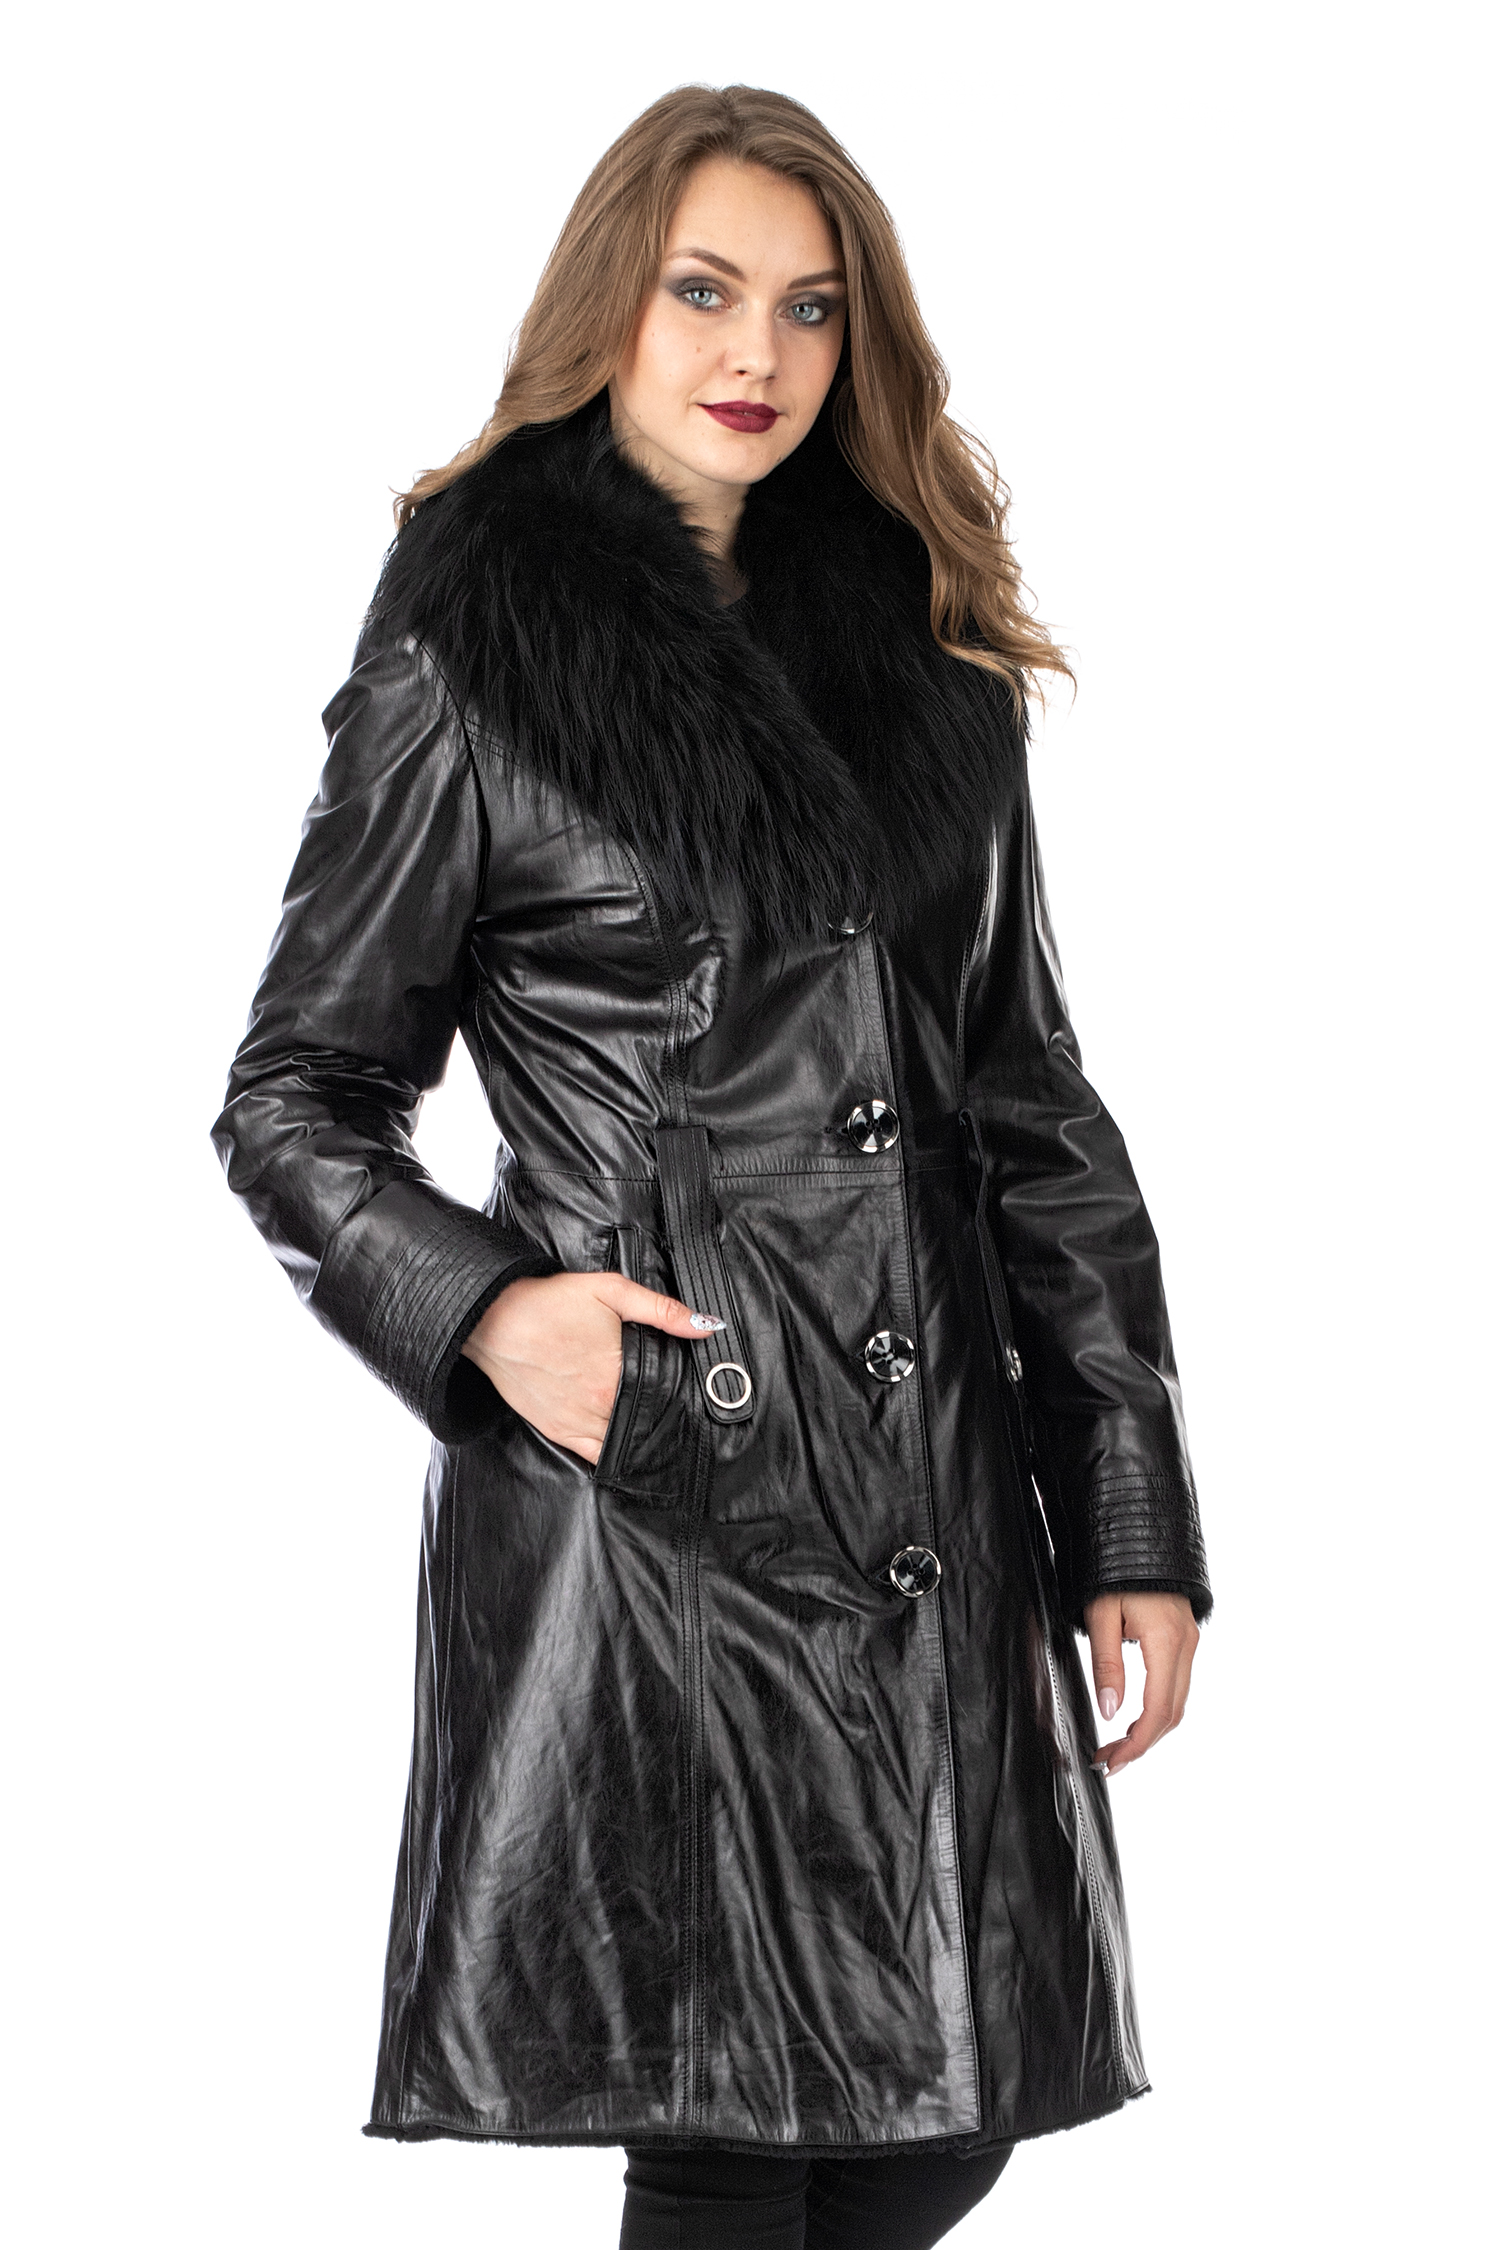 Женское кожаное пальто из натуральной кожи на меху с воротником, отделка блюфрост МОСМЕХА